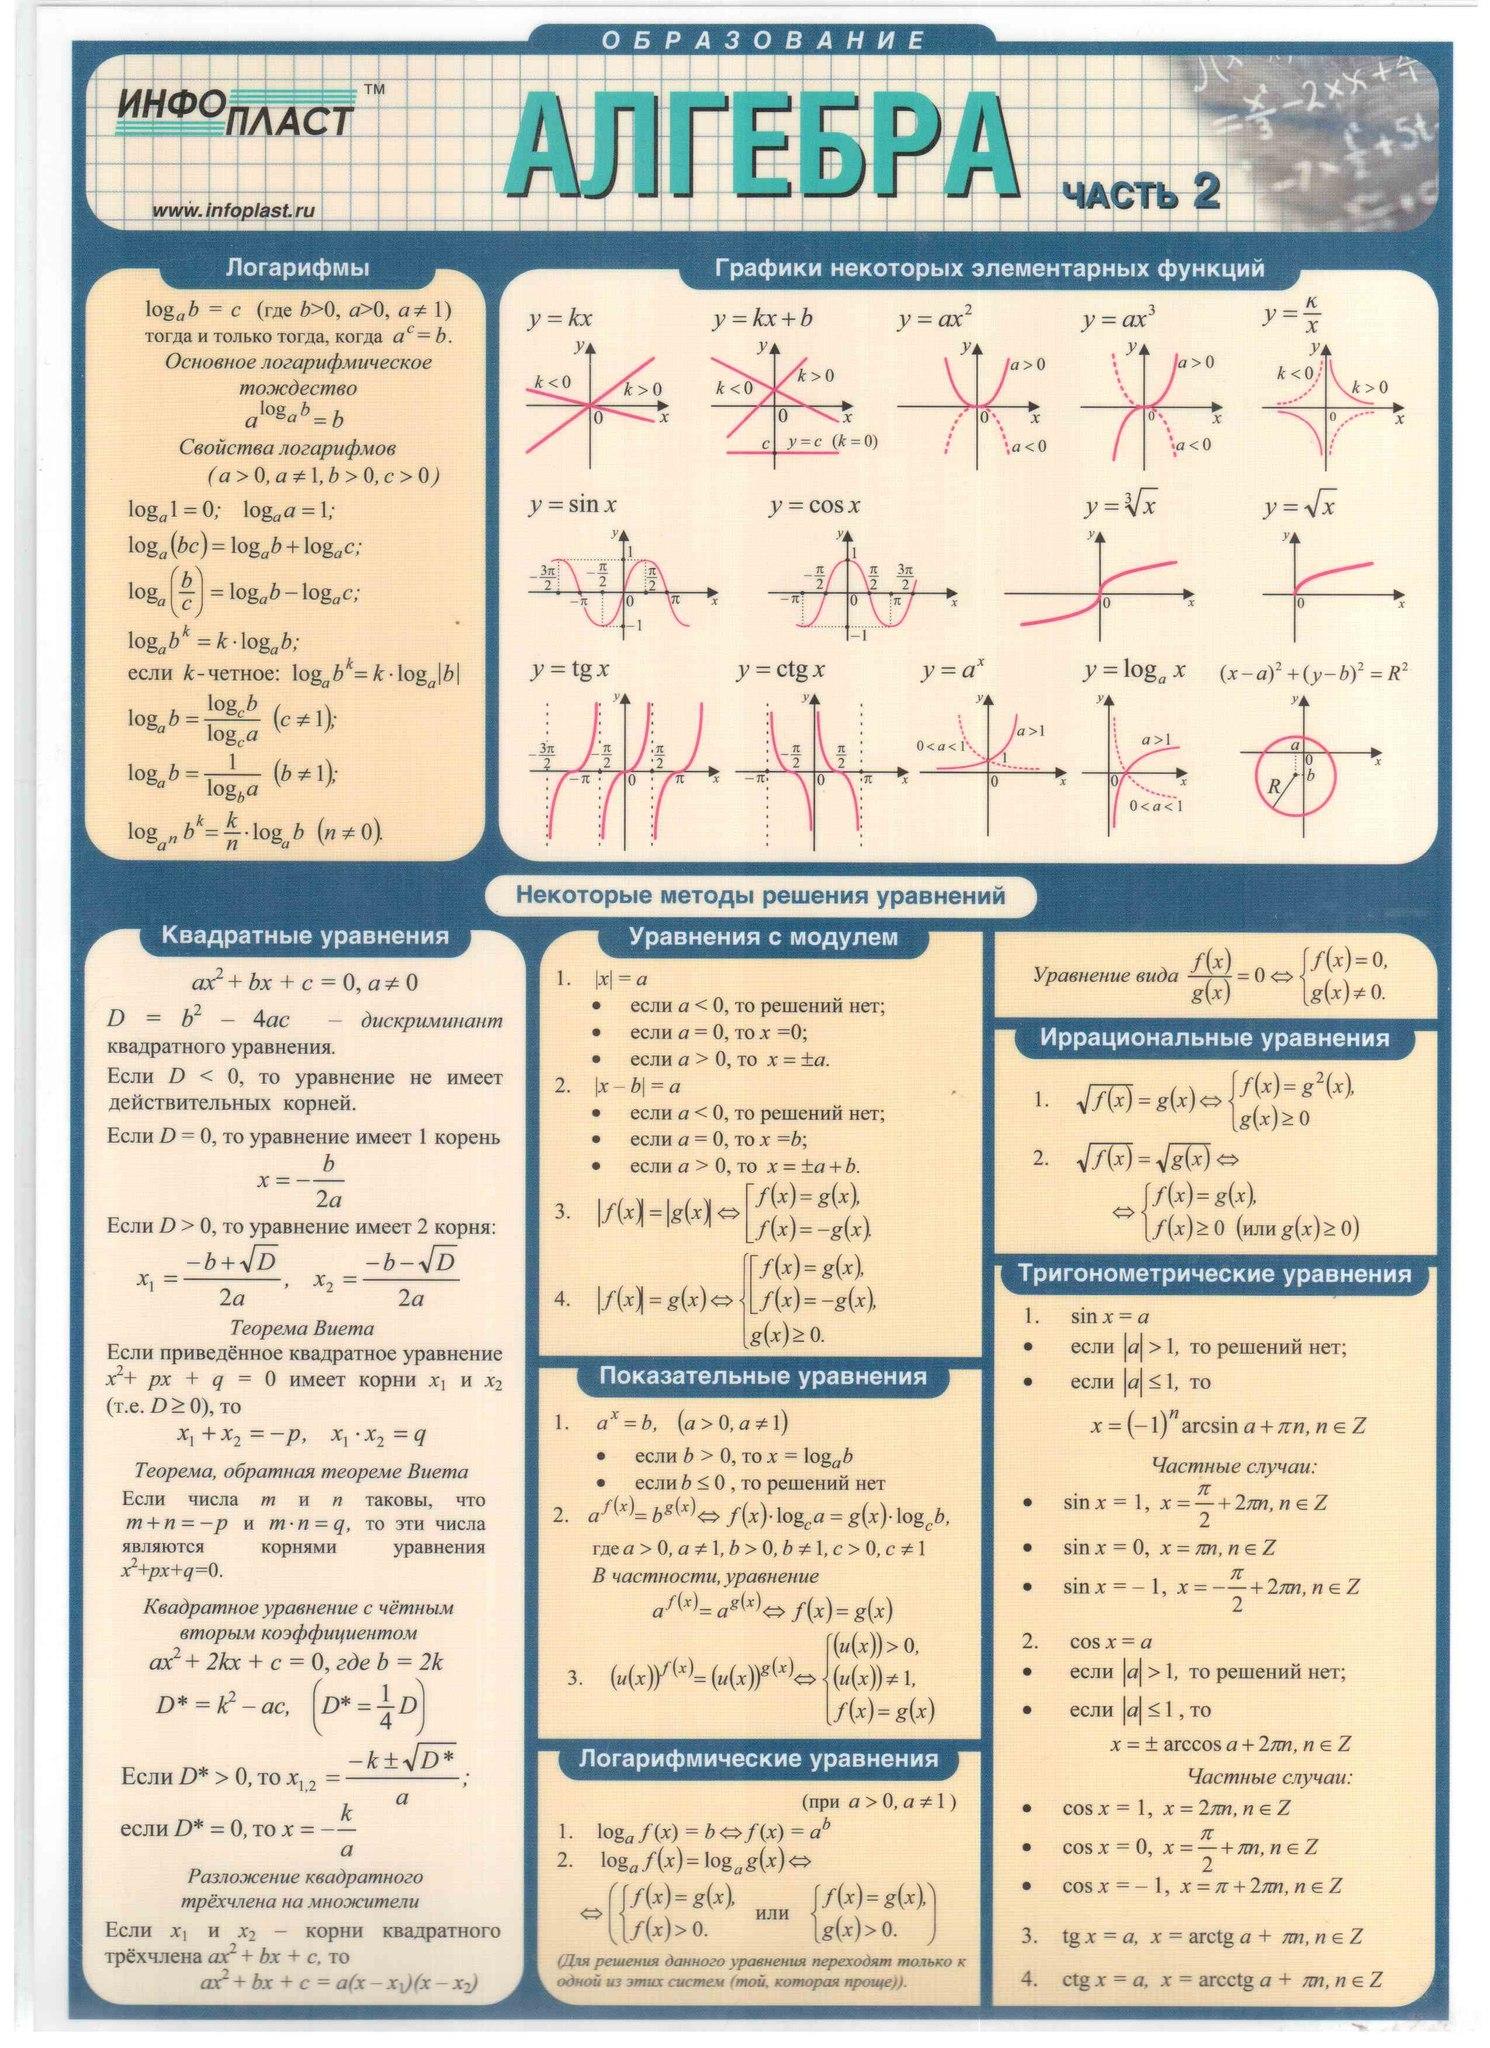 Основные формулы по математике